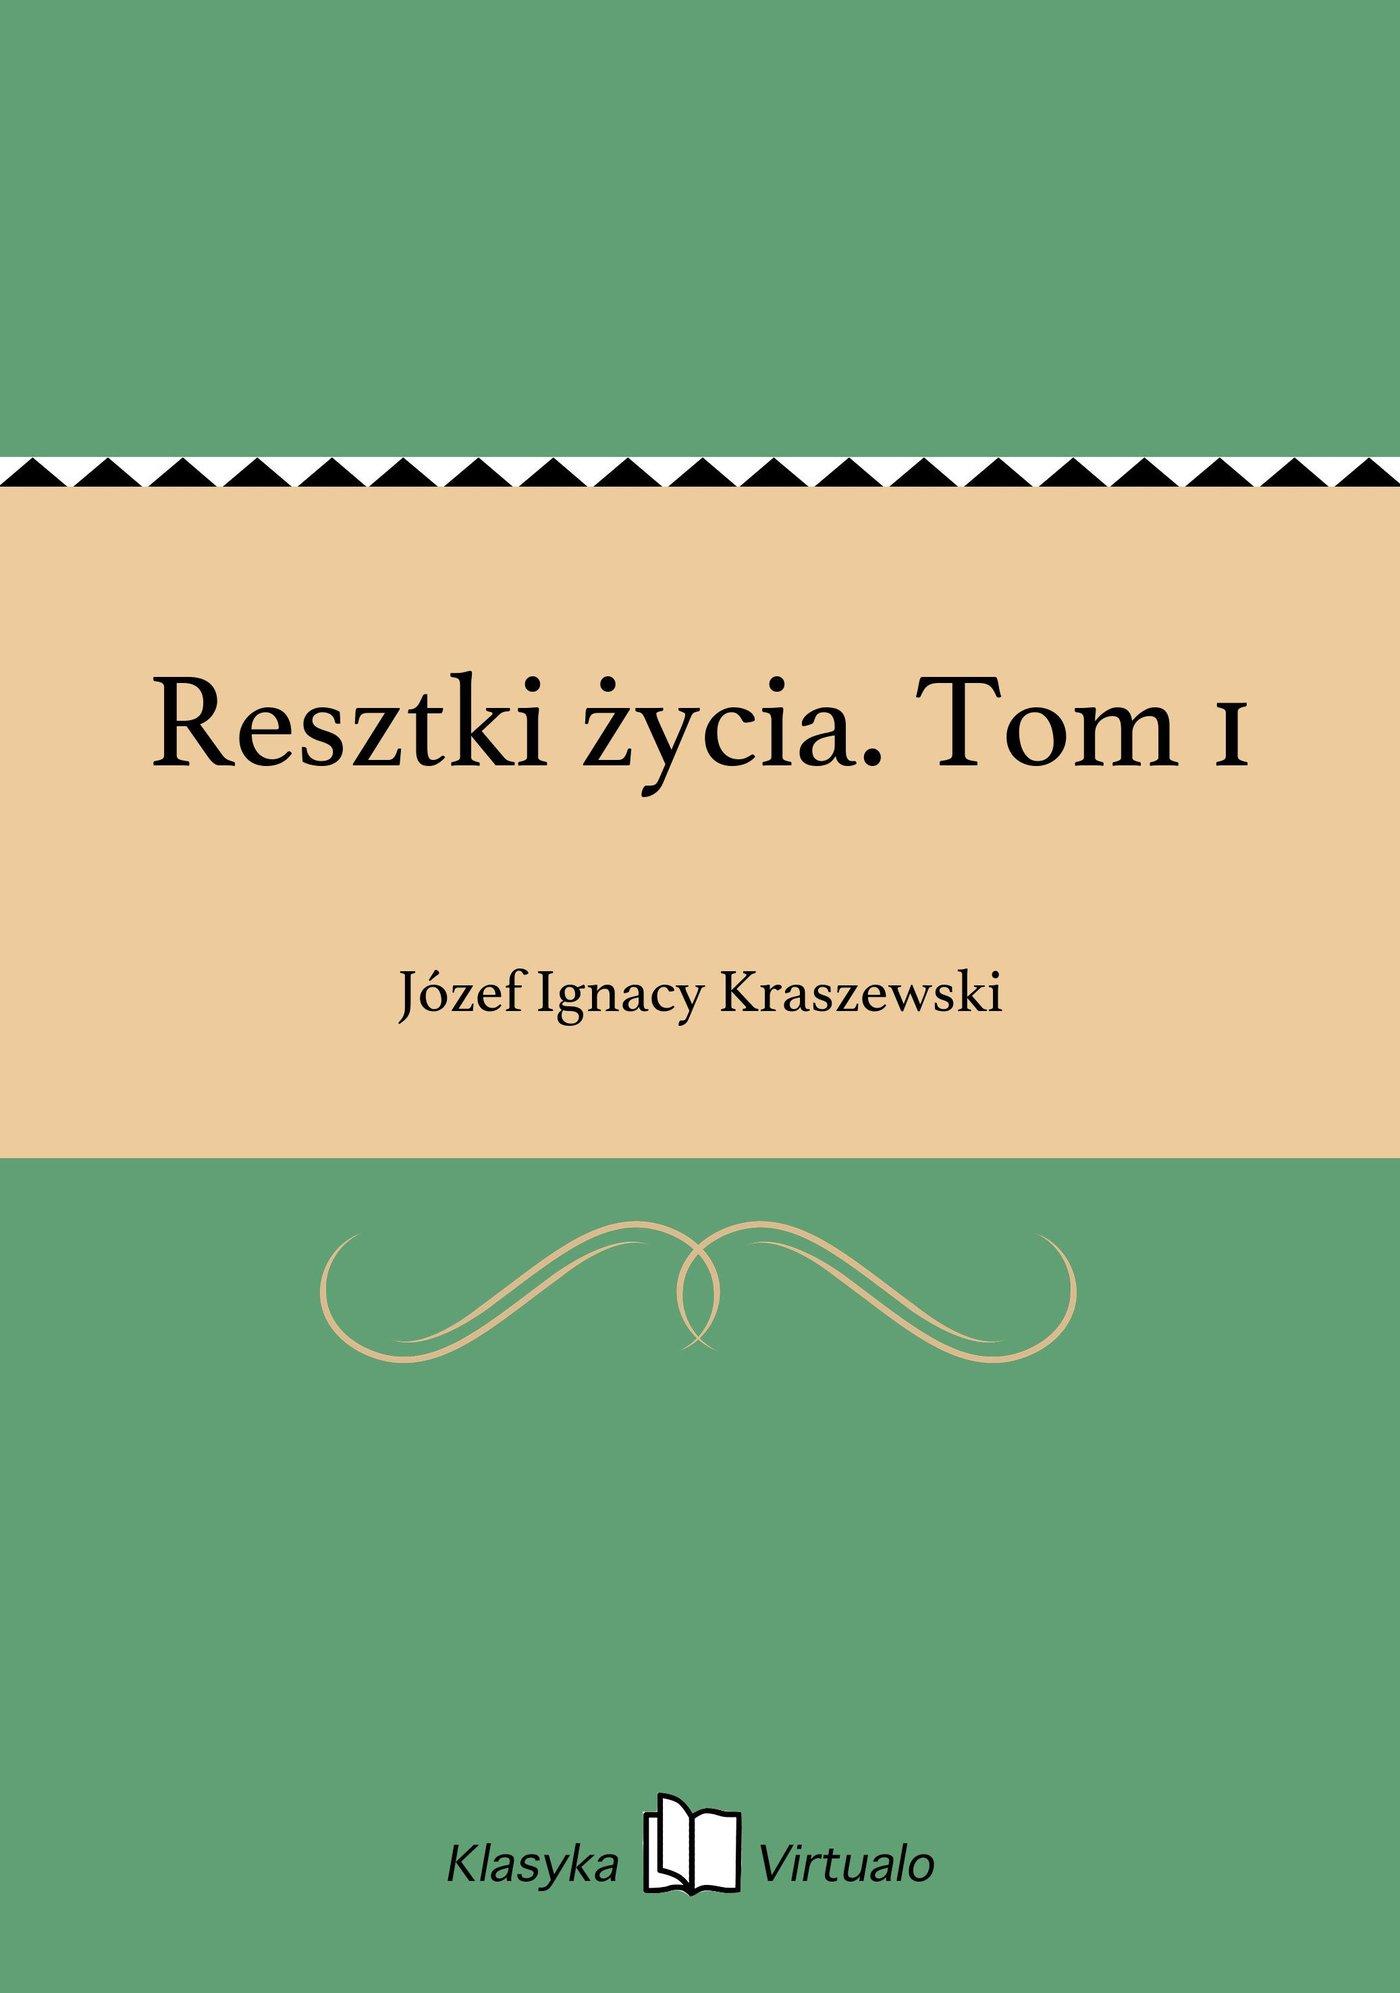 Resztki życia. Tom 1 - Ebook (Książka na Kindle) do pobrania w formacie MOBI